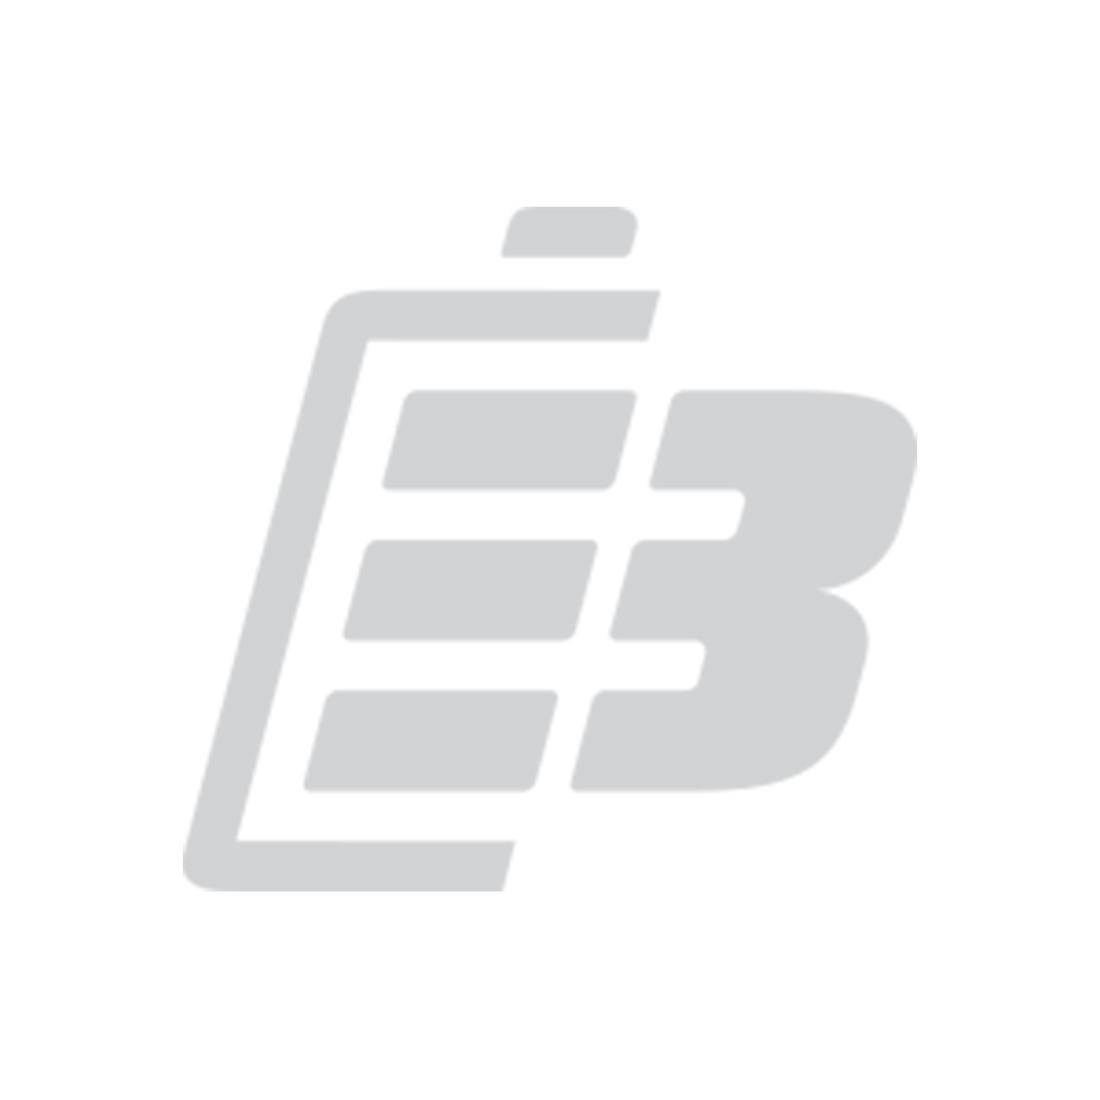 Μπαταρία smartphone Sony Xperia P_1